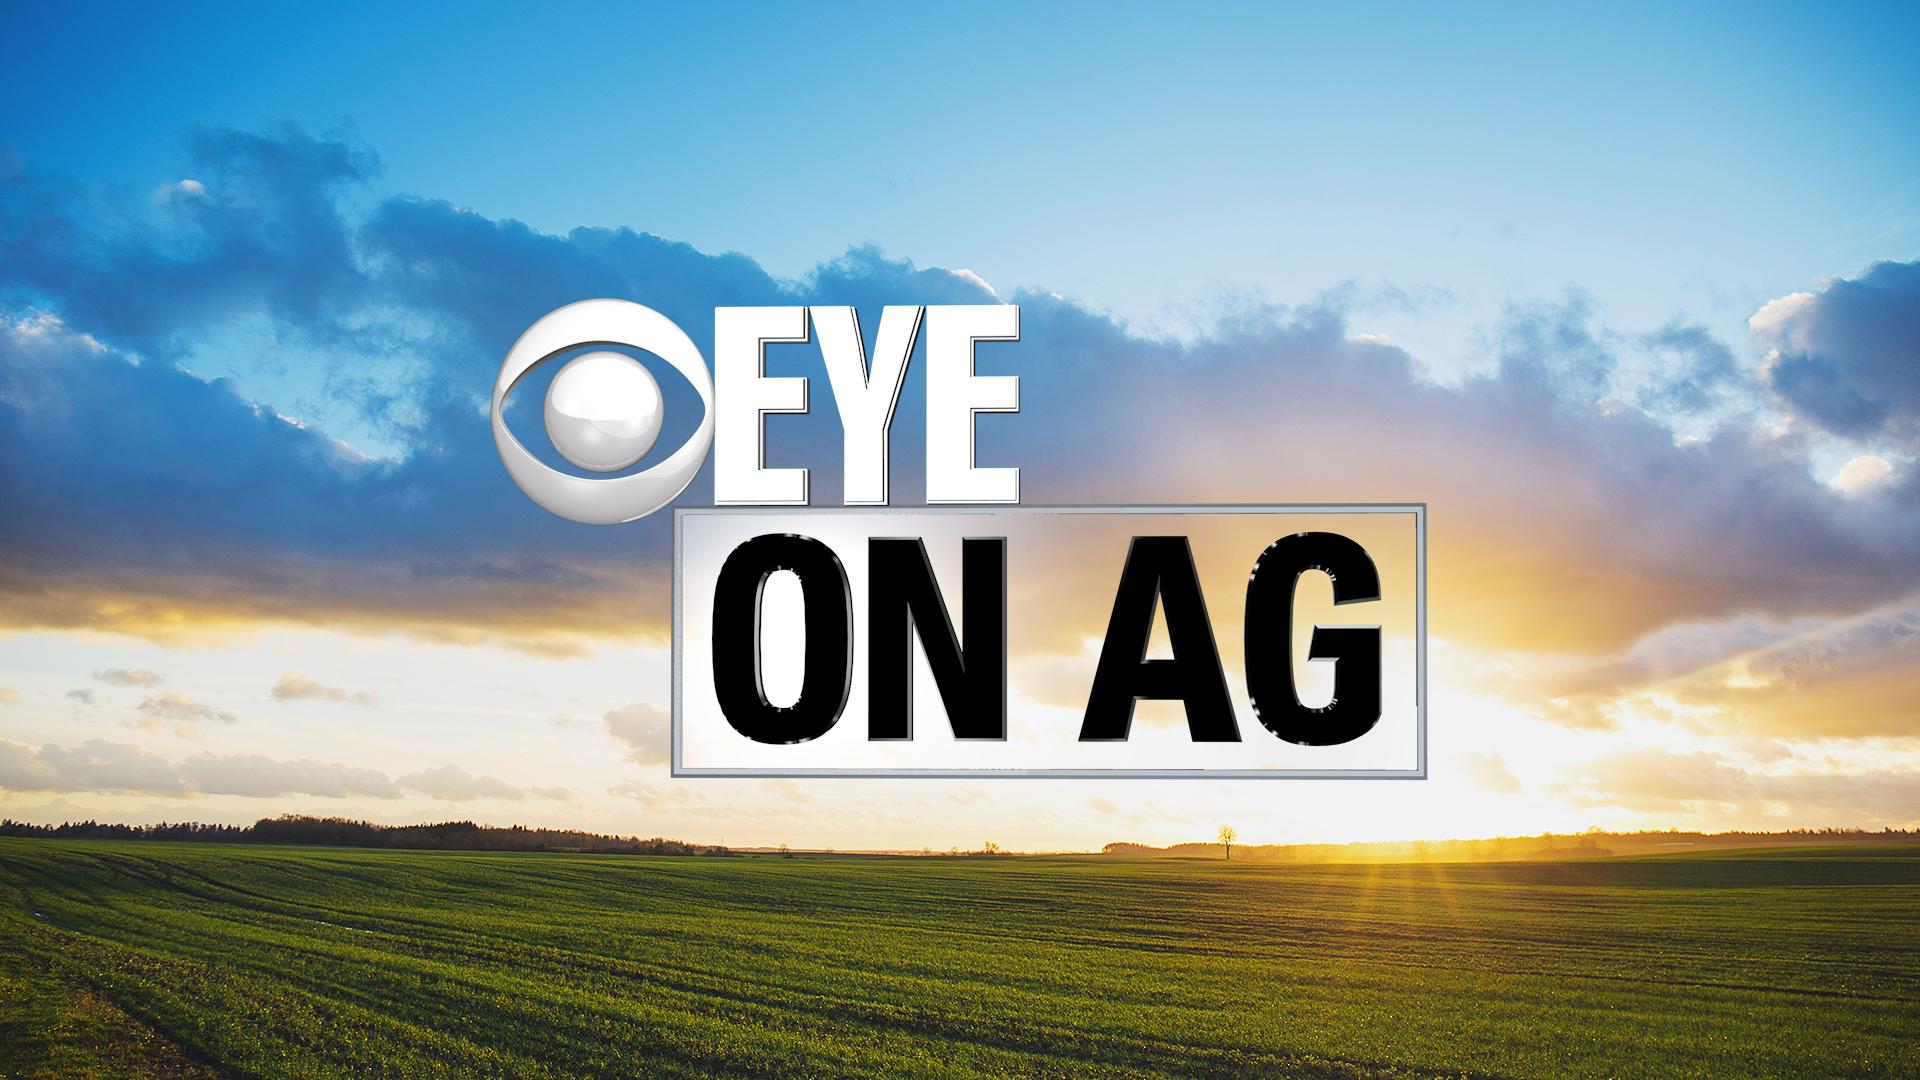 eye-on-ag_1521674200135.jpg